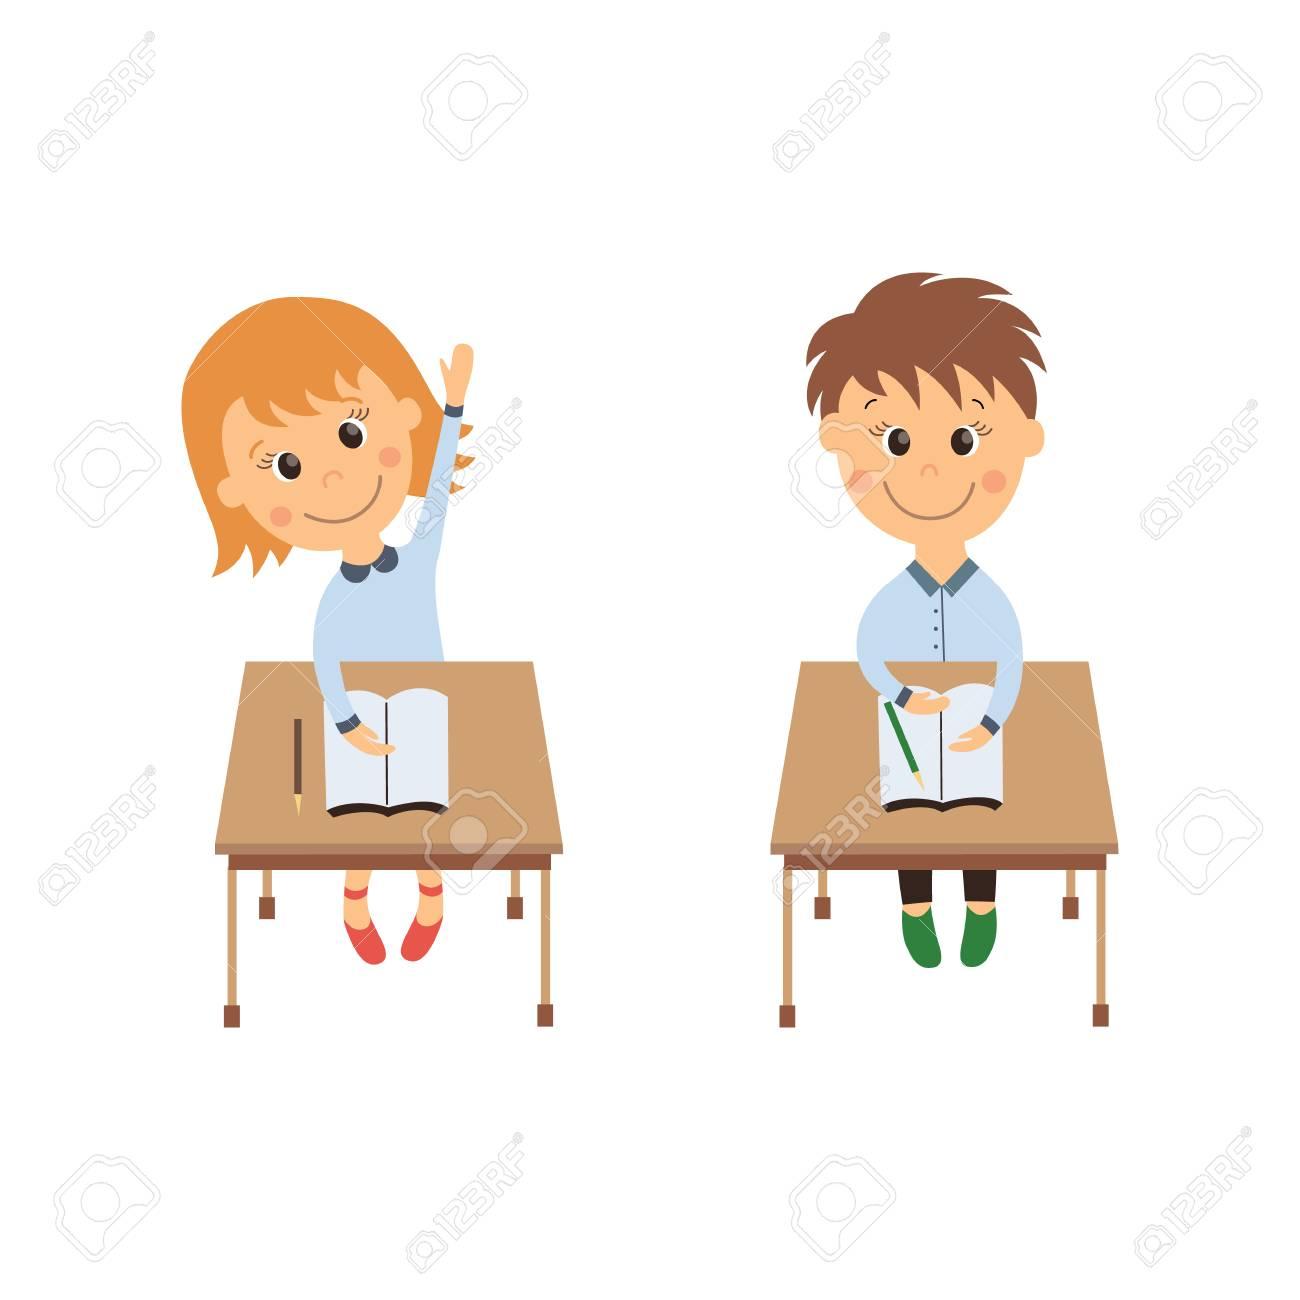 Vecteur De Dessin Anime Plat Ecoliere Mignon Personnage De Garcon Assis Au Bureau A L Ecole Primaire Elever Sa Main En Souriant Illustration Isolee